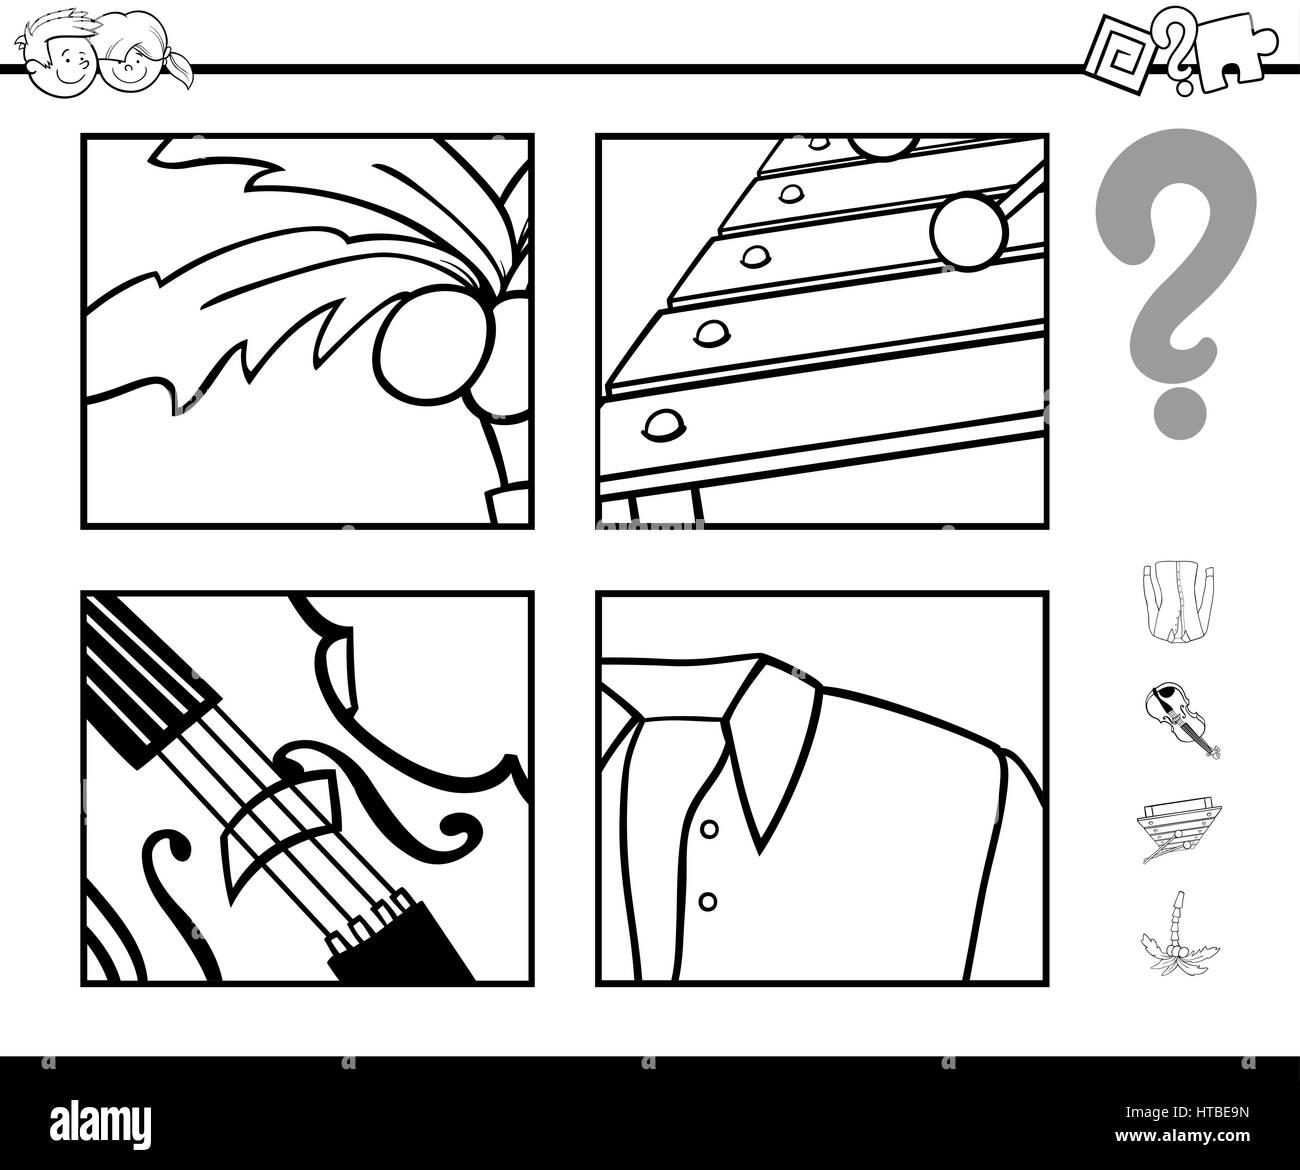 Ilustración caricatura en blanco y negro de juego educativo de ...